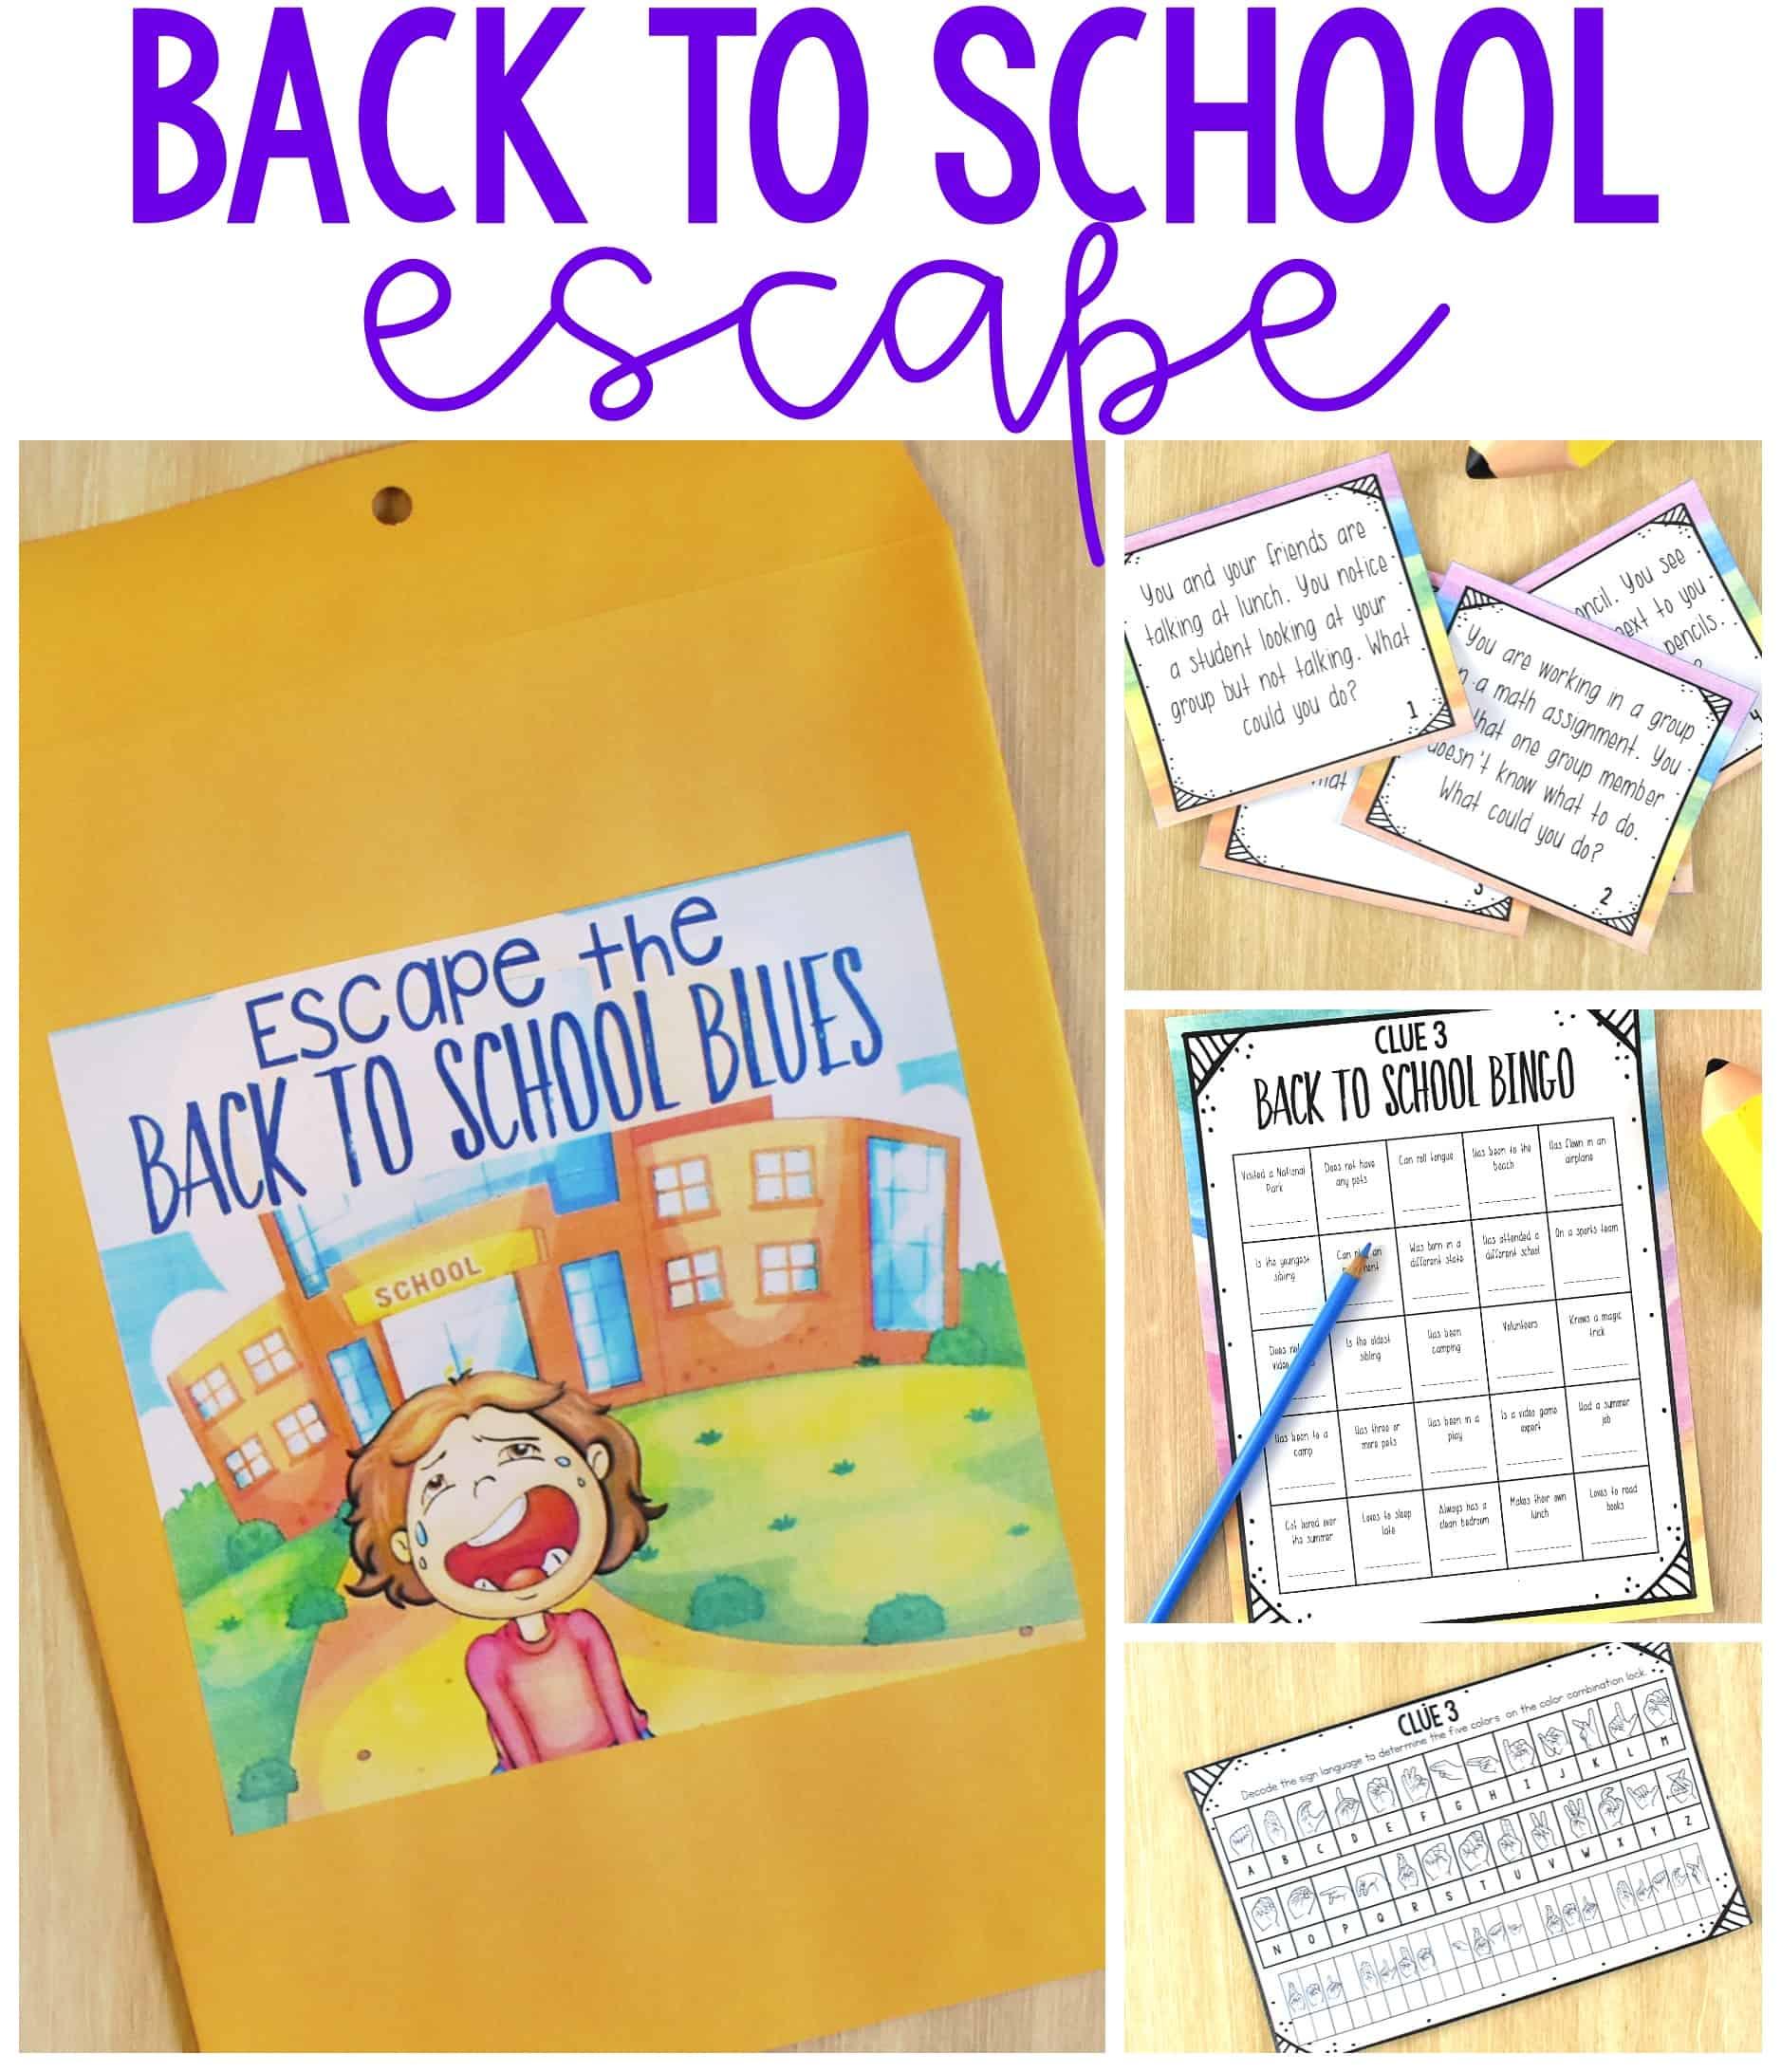 Back to School Escape